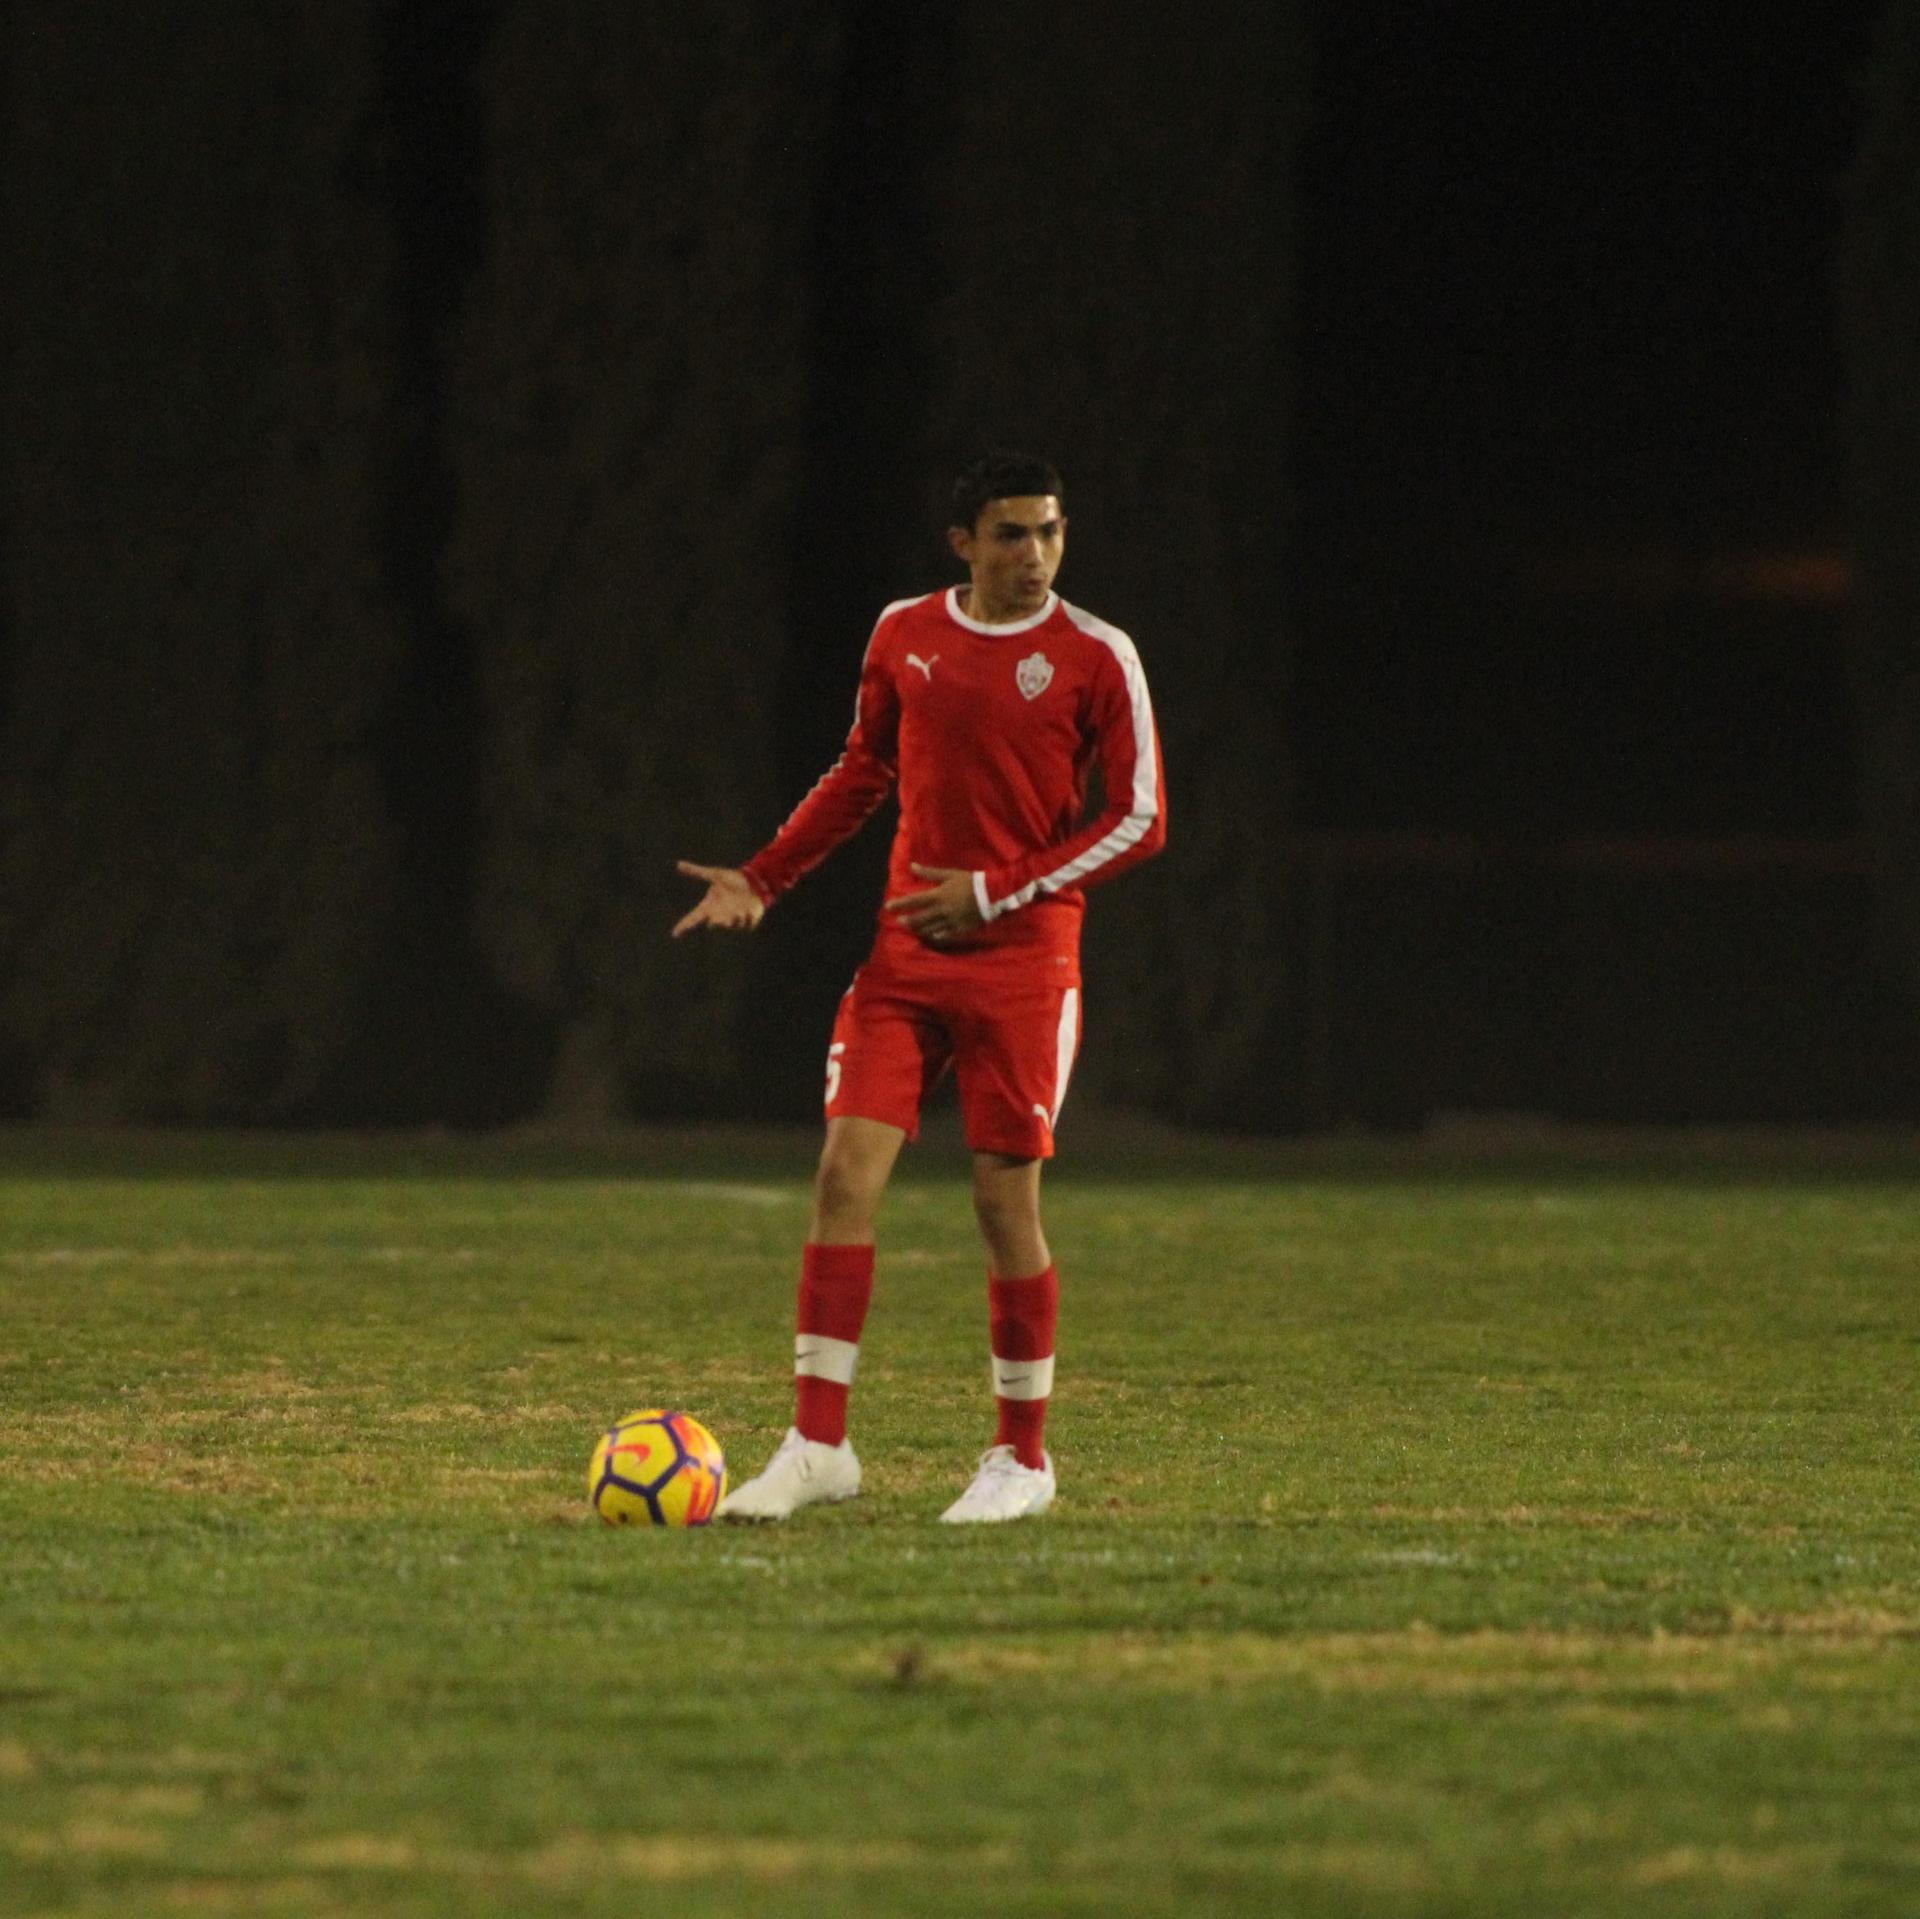 Edgar Campos with ball